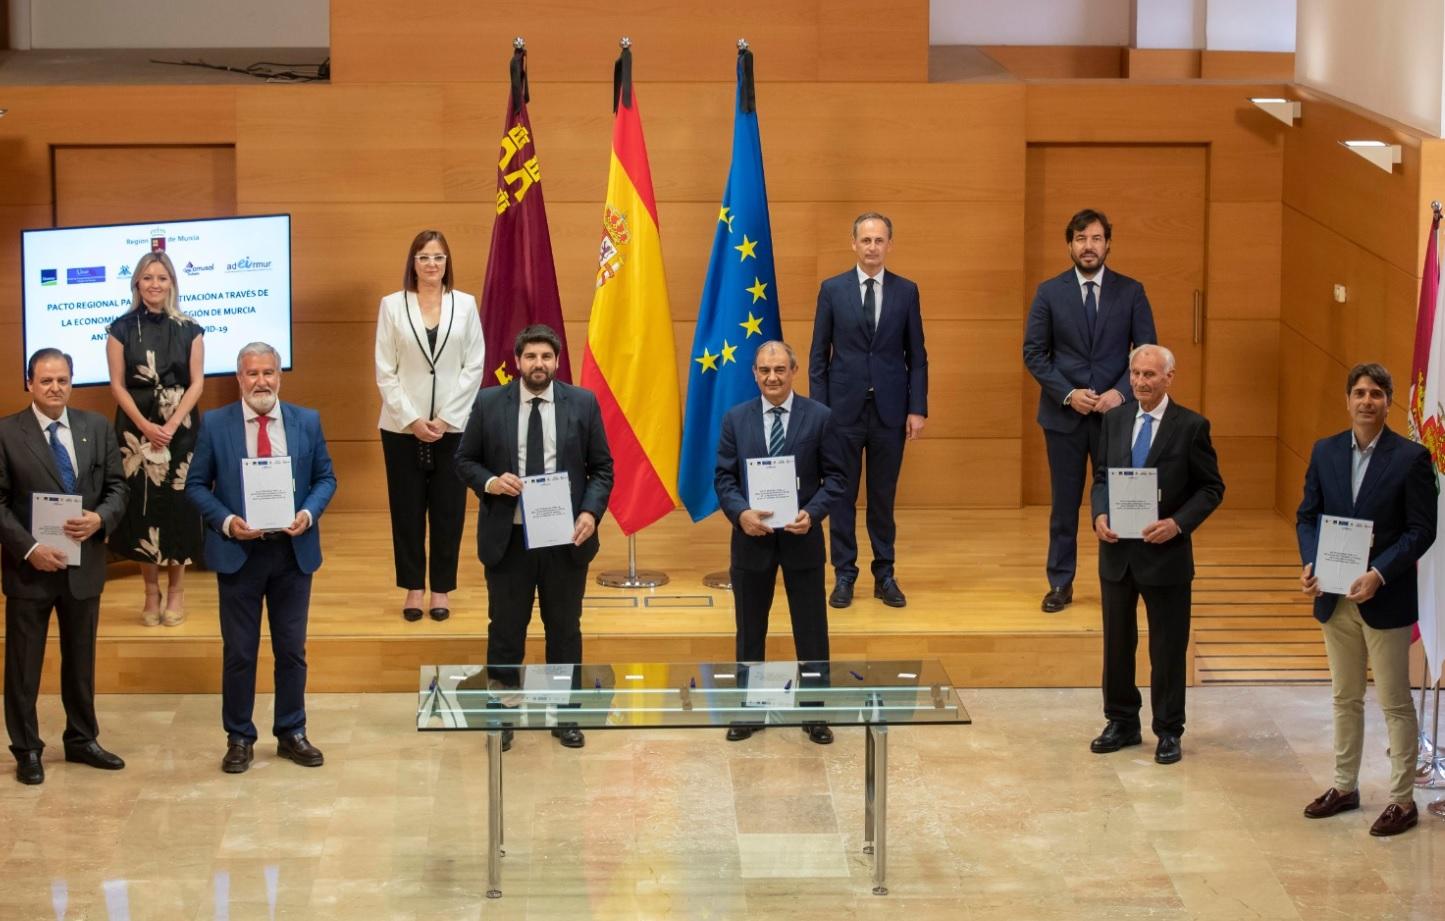 Firma del Pacto Regional para la Reactivación Económica y Social de la Región de Murcia